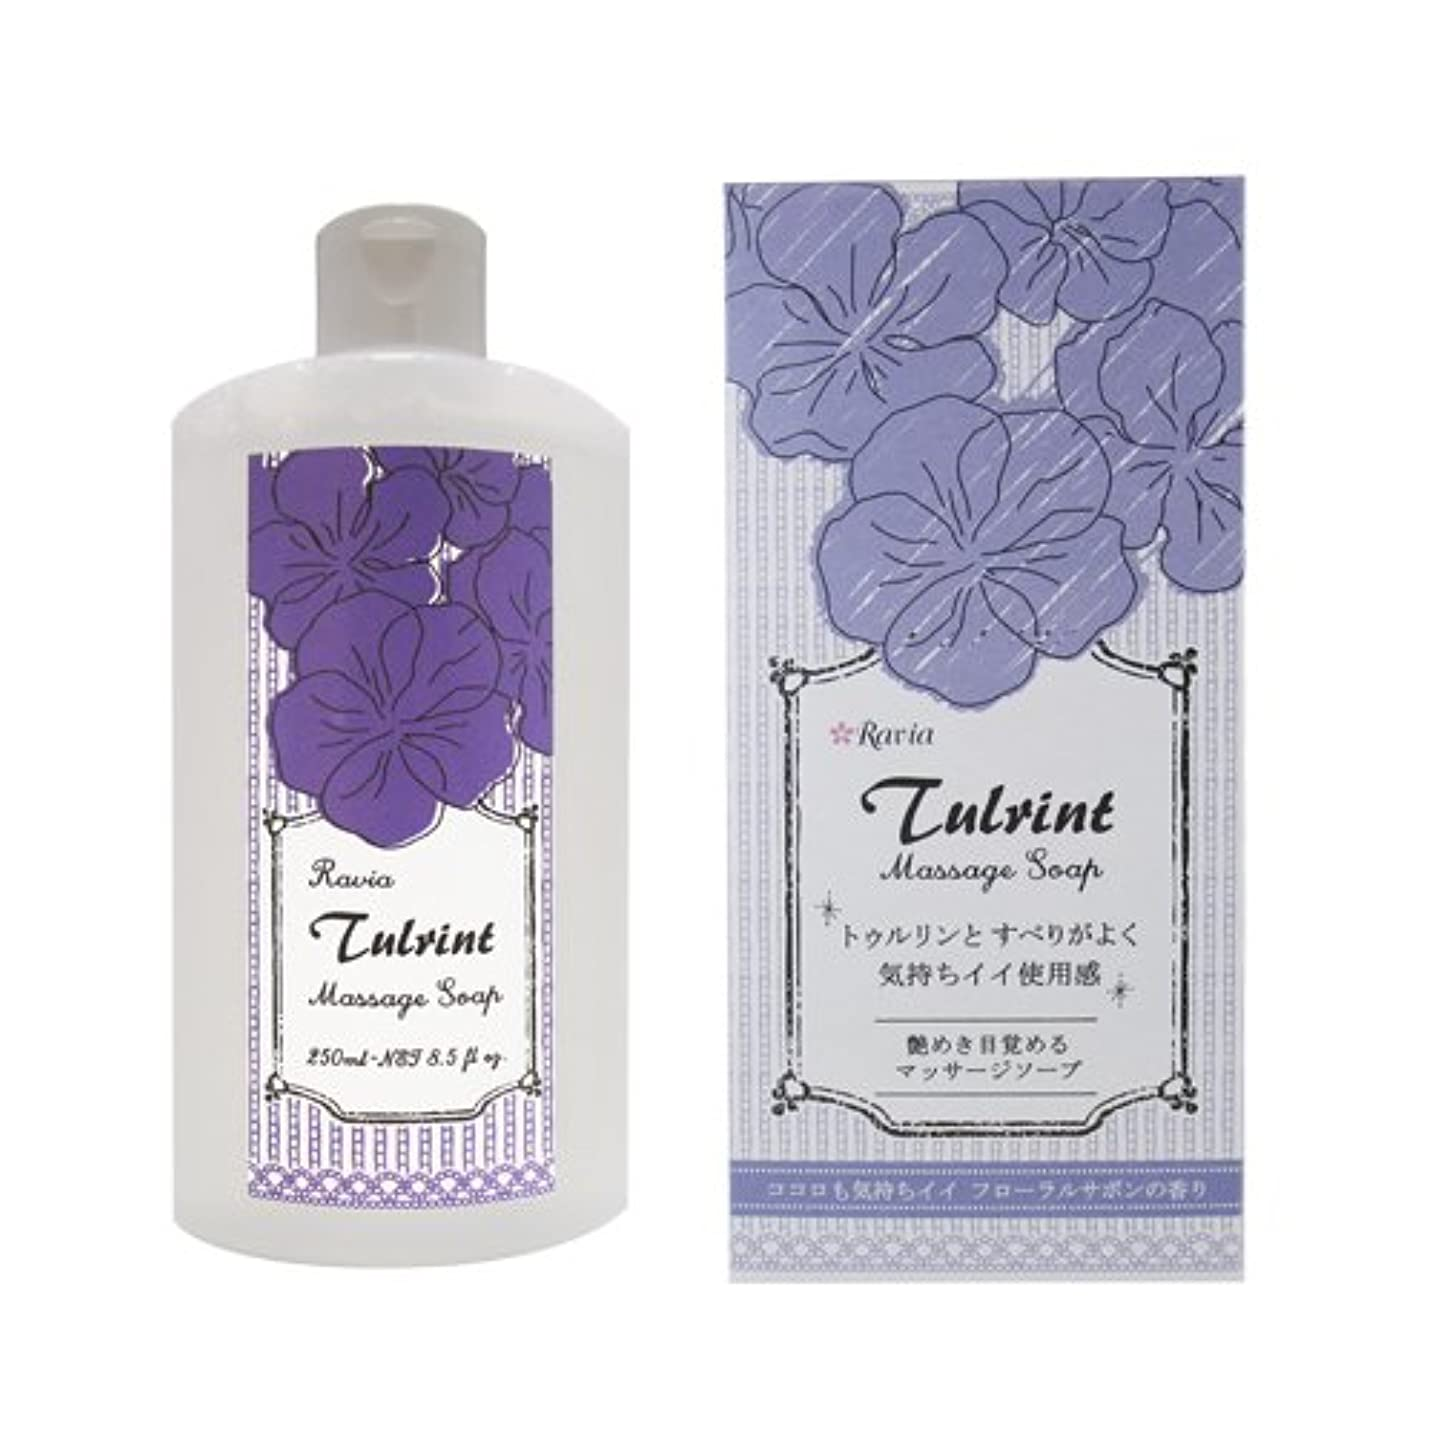 後方賞入植者【マッサージソープ】ラヴィア(Ravia) トゥルリント マッサージソープ(Tulrint Massage soap) 250ml フローラルサボンの香り